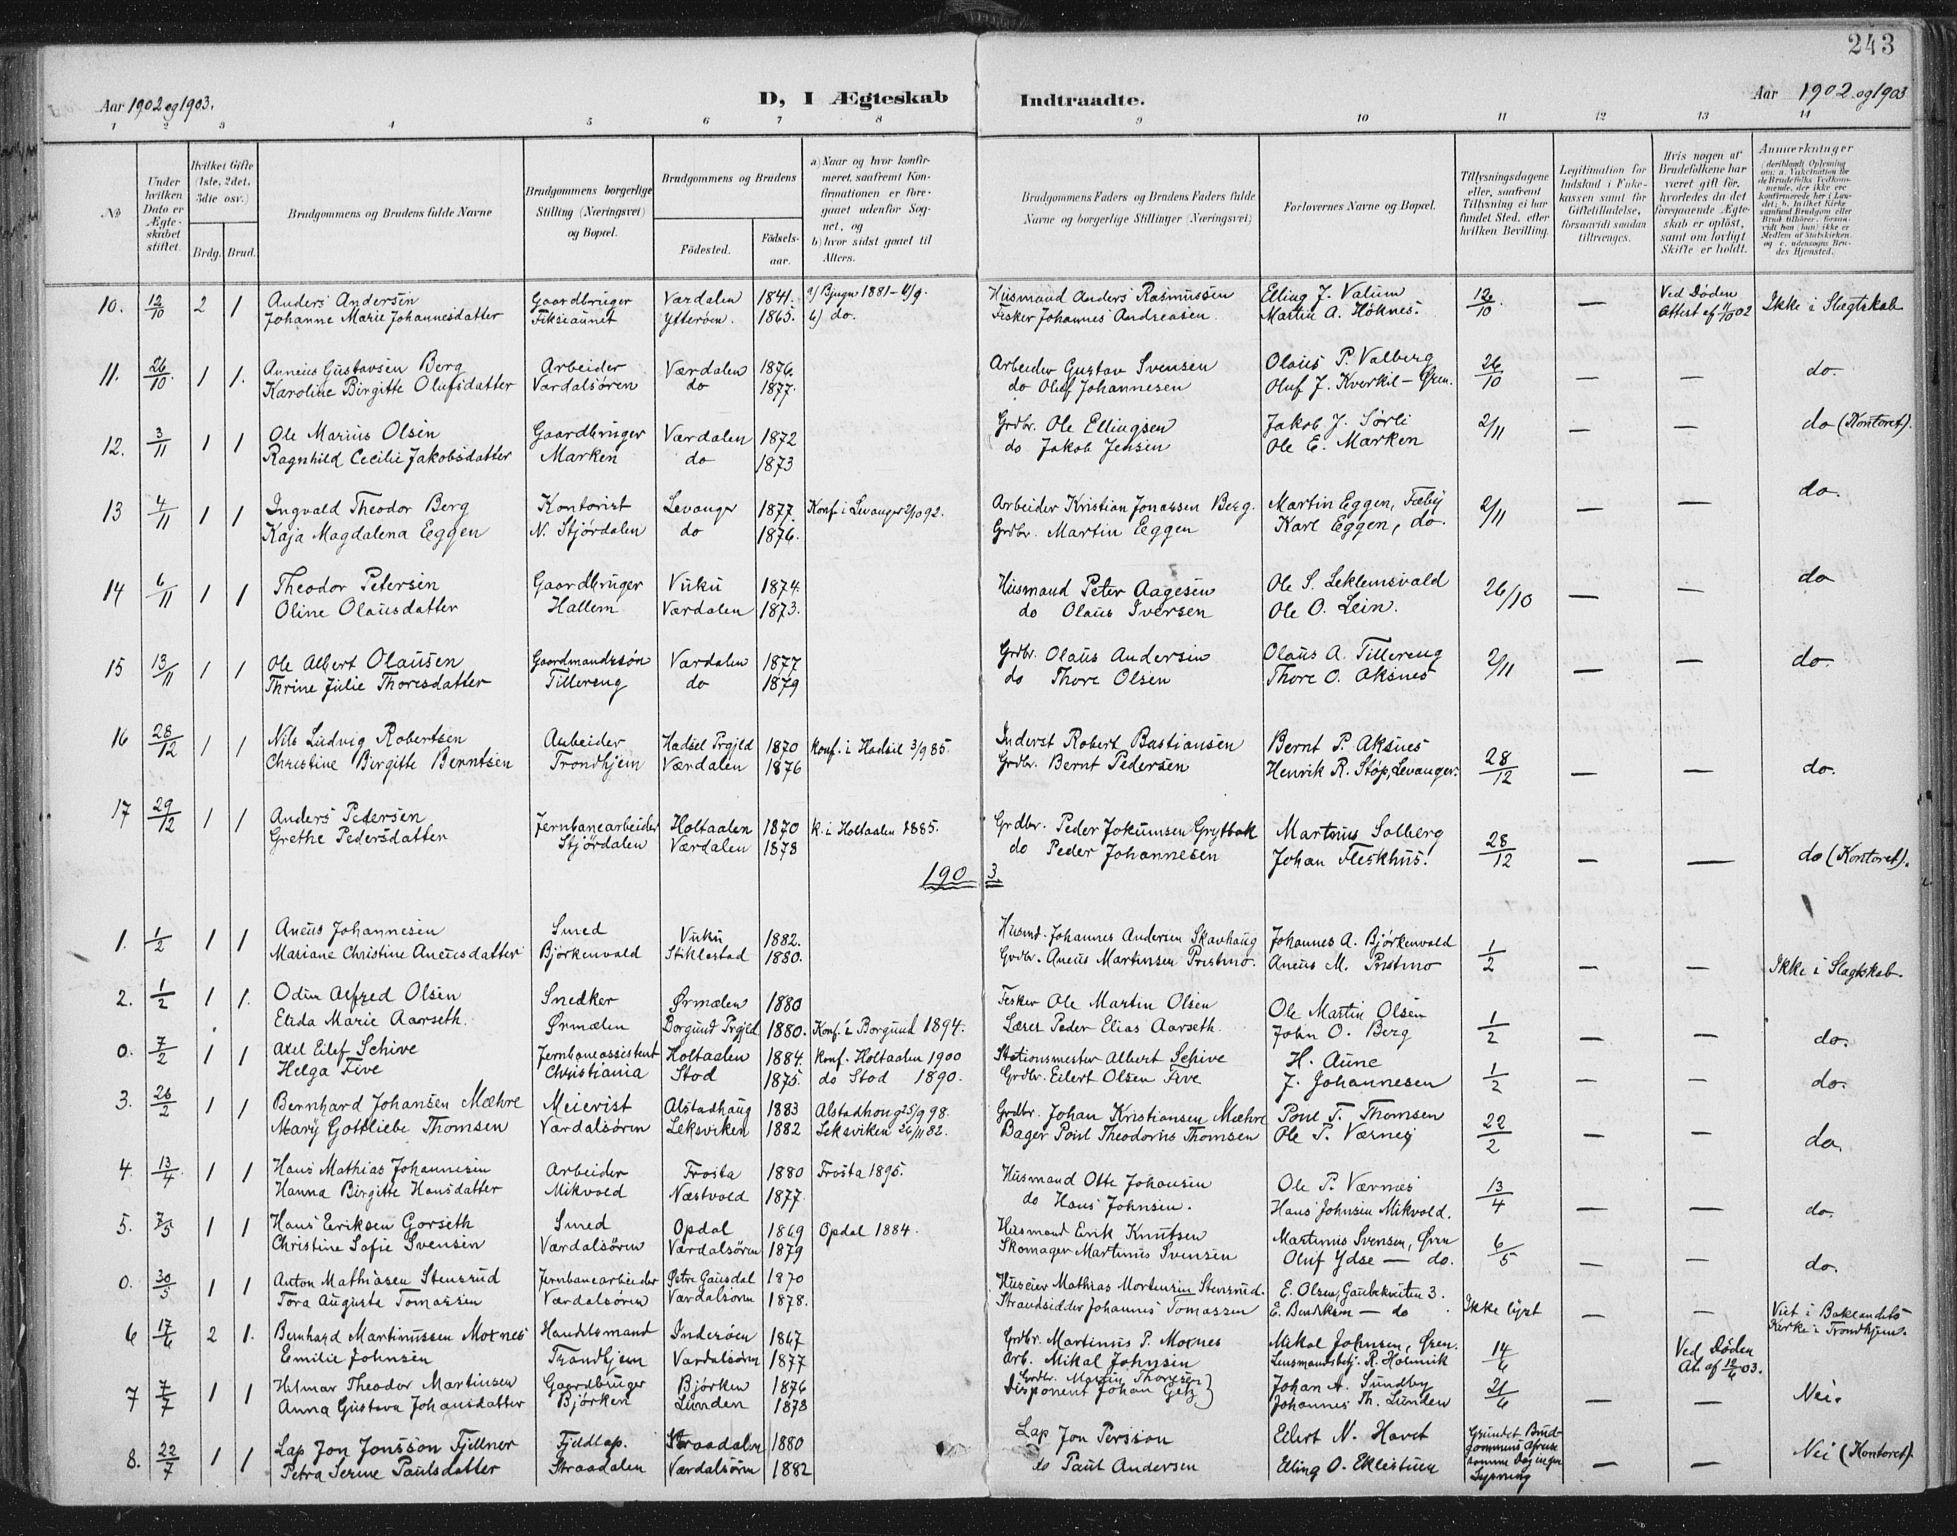 SAT, Ministerialprotokoller, klokkerbøker og fødselsregistre - Nord-Trøndelag, 723/L0246: Ministerialbok nr. 723A15, 1900-1917, s. 243